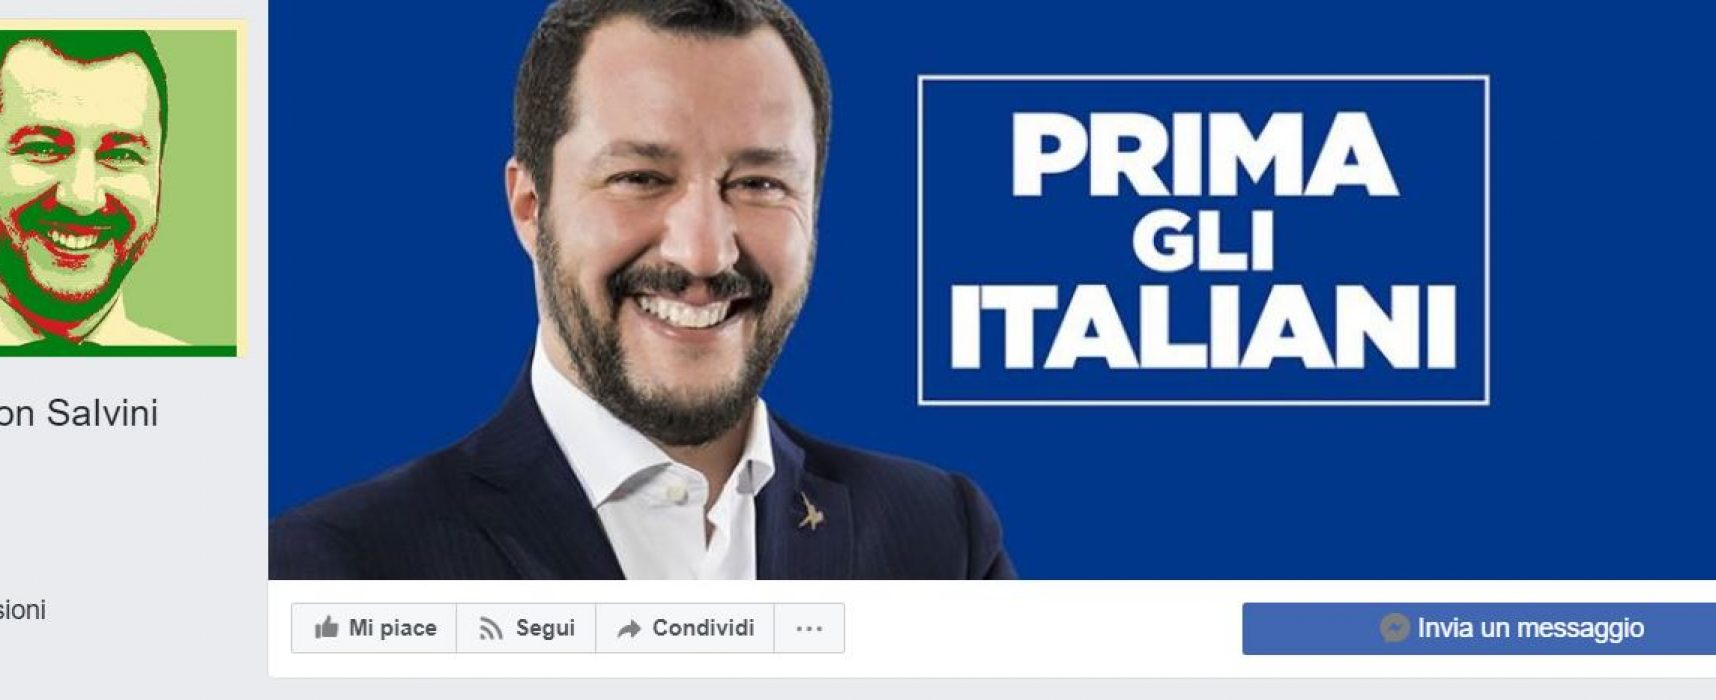 Fake : Noi con Salvini pubblica un'intervista a Putin taroccata